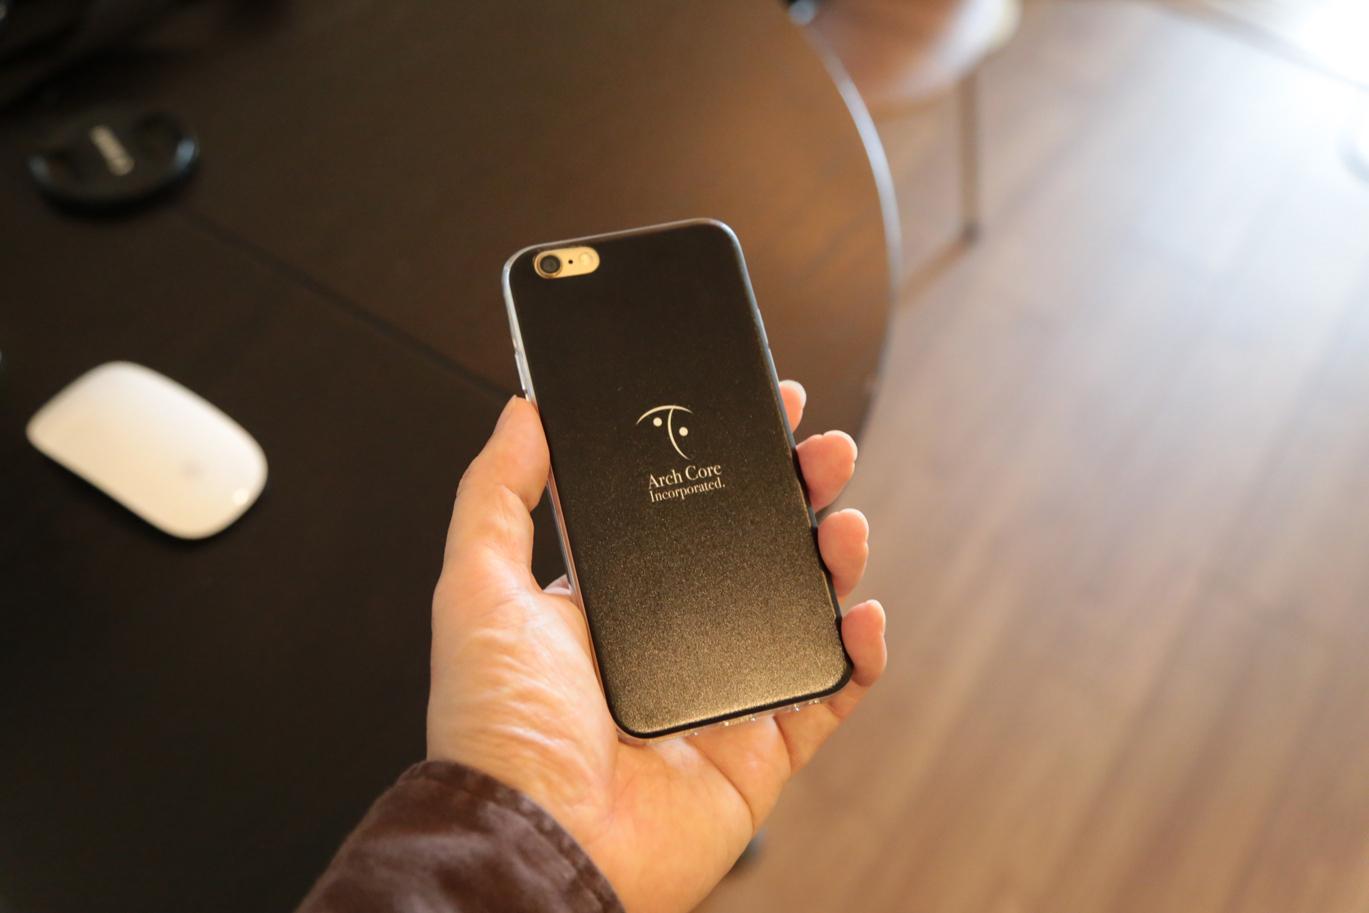 iPhoneケースを持ったところ